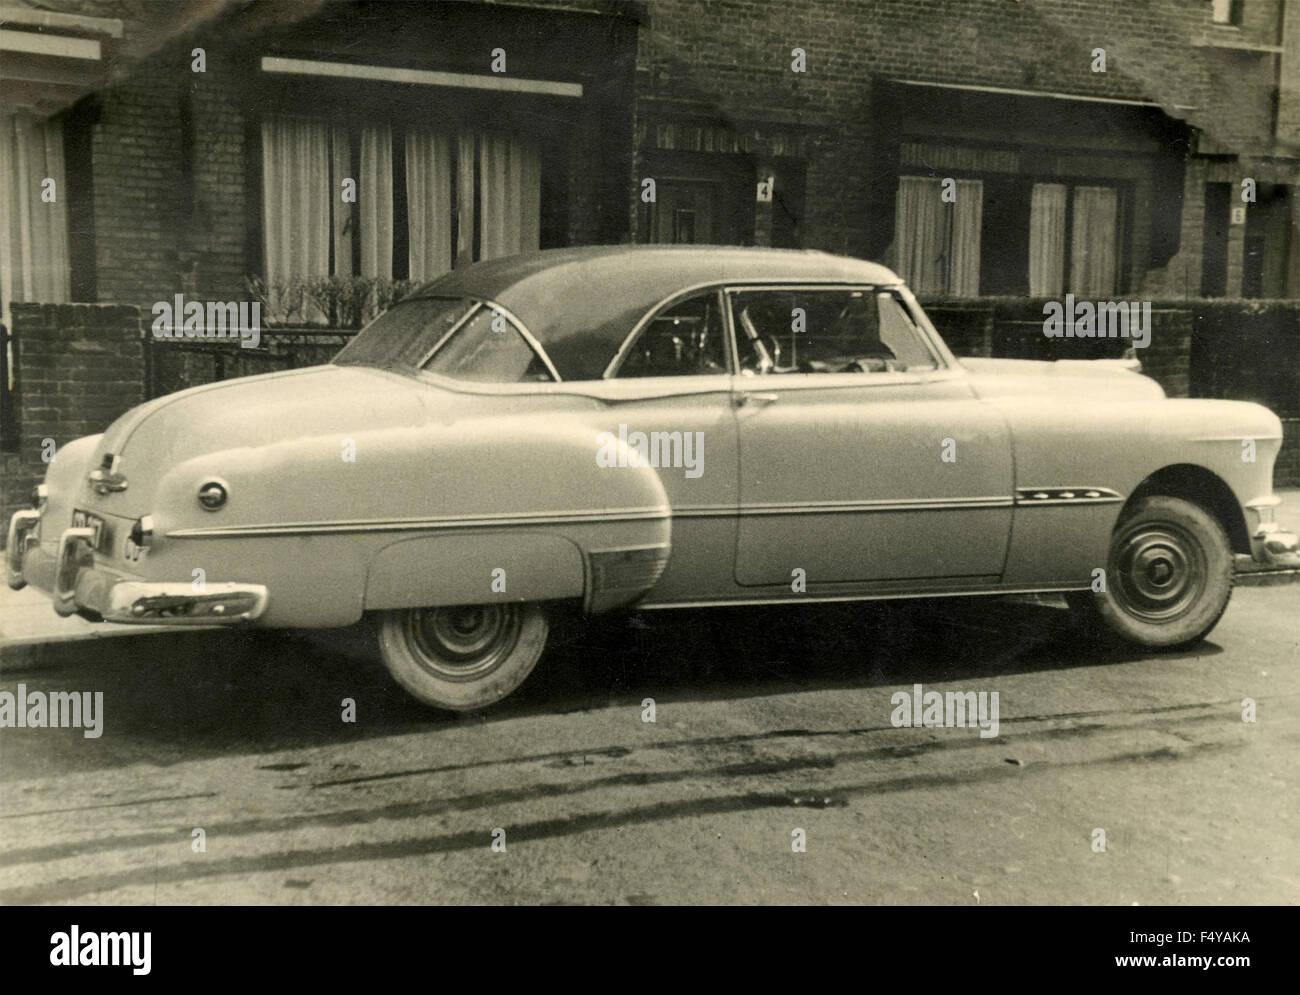 Eine amerikanische Coupé-Auto aus den 50er Jahren Stockbild